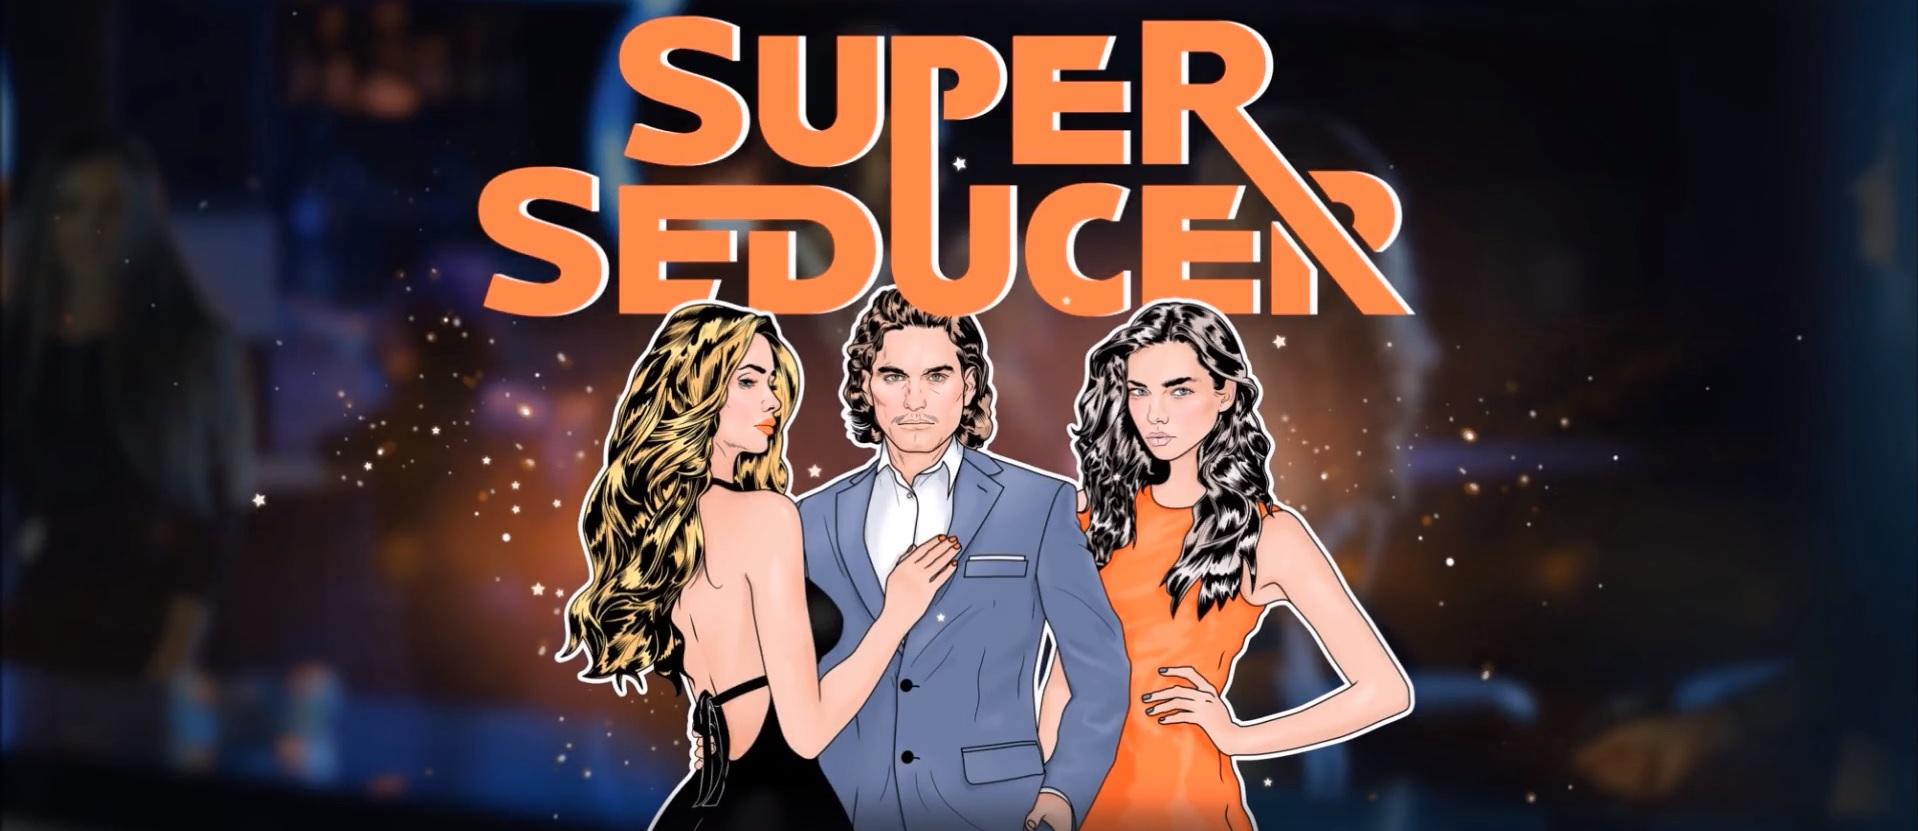 superseducerps4mousuj.jpg